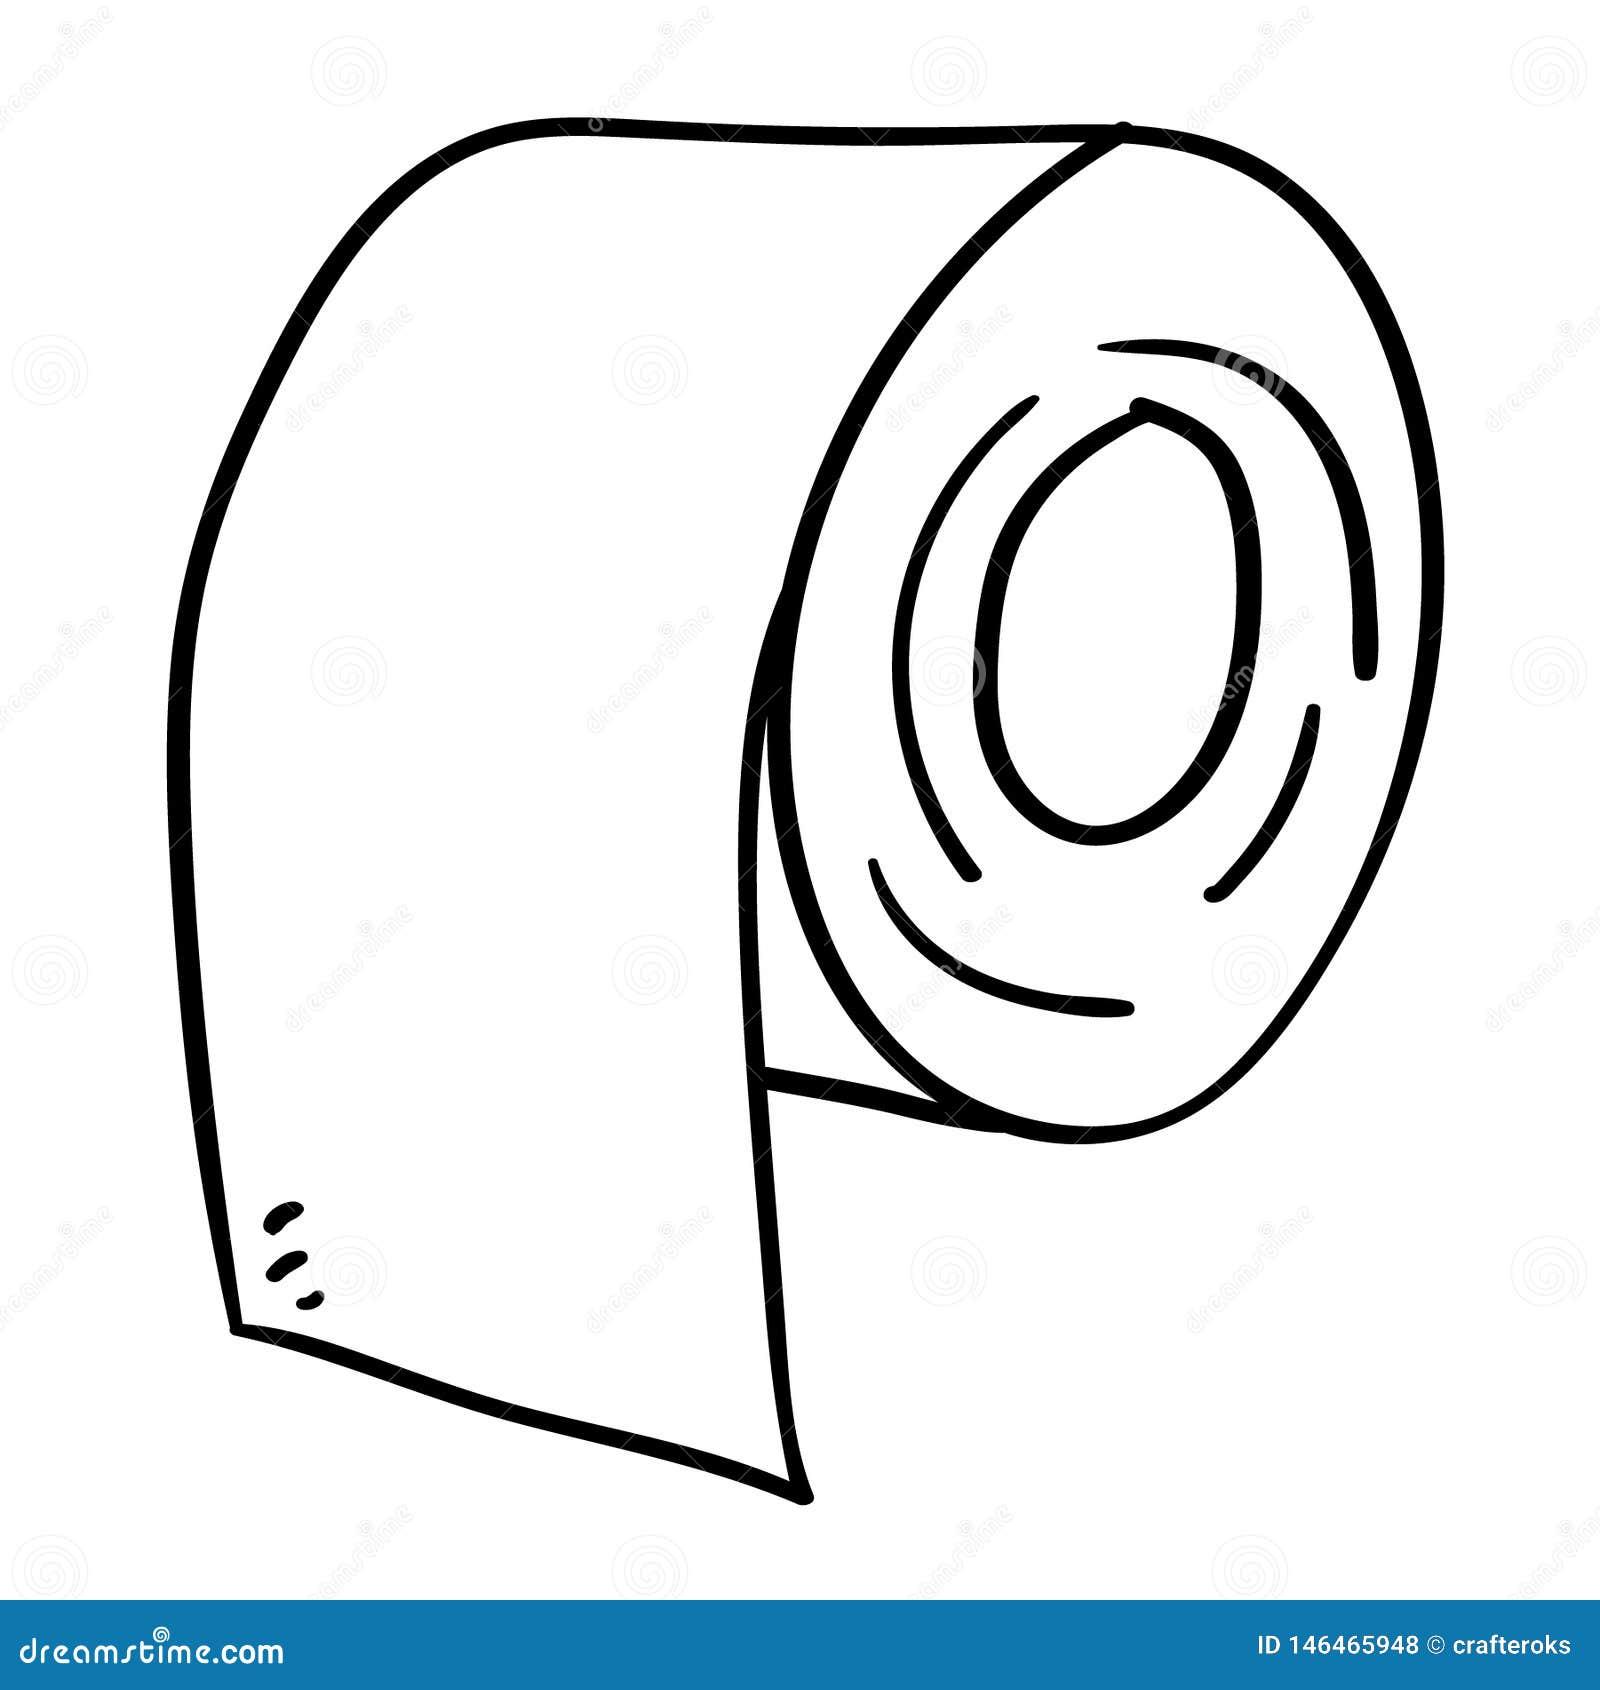 Tkankowego papieru ręka rysująca, wektor, Eps, logo, ikona, sylwetki ilustracja crafteroks dla różnego używa Odwiedza mój stronę